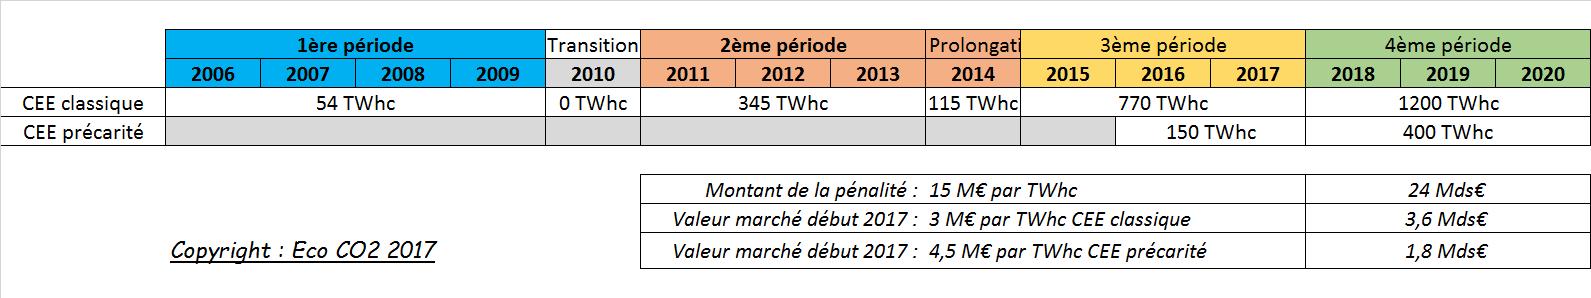 Évolution des obligations CEE depuis 2006 et prévisions jusqu'en 2020